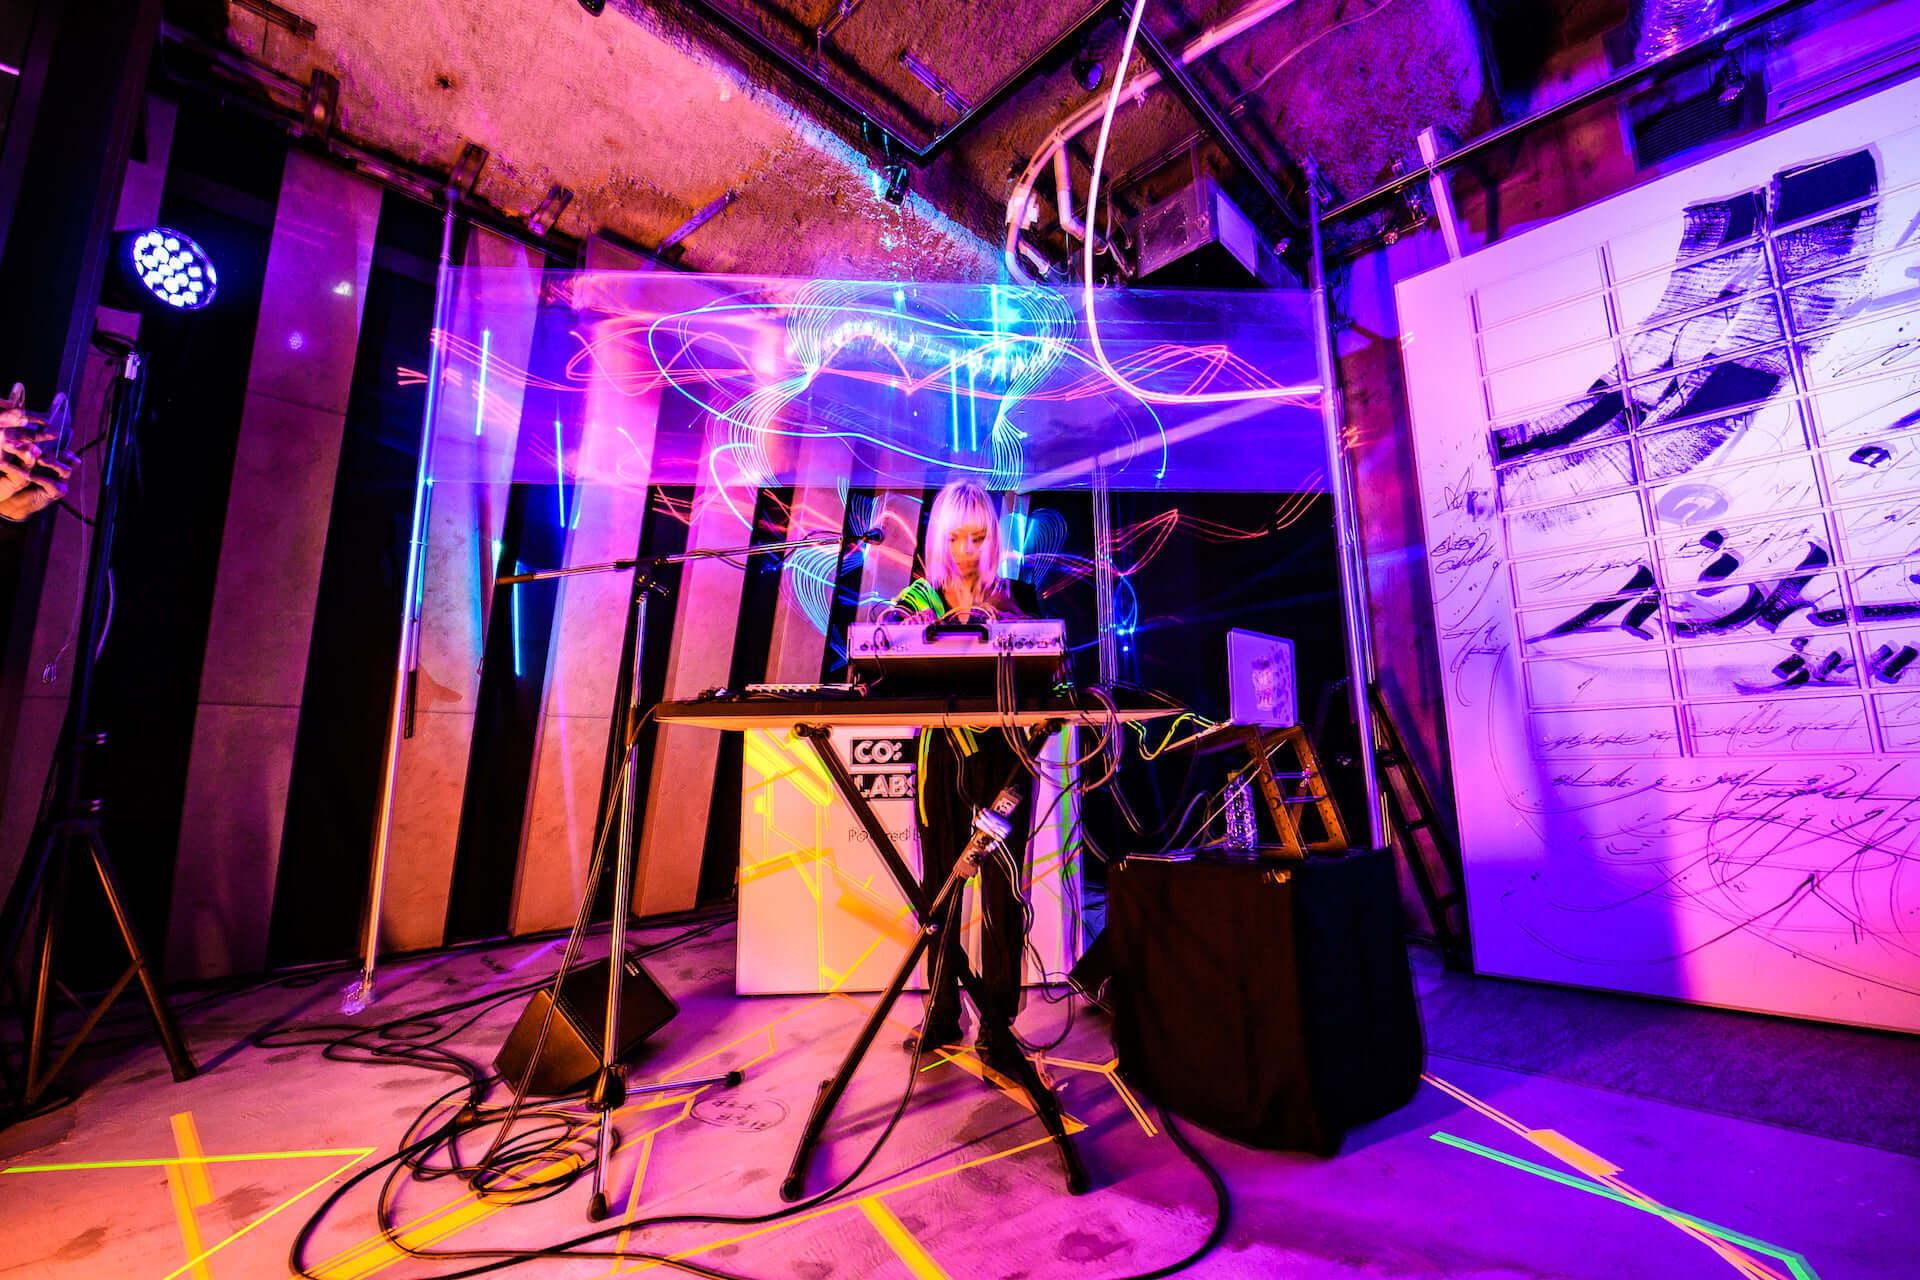 エッジィなメディア「CO:LABS」によるクリエイティブコラボパーティー<CO:LABS LIVE>に潜入! music-colabslive-5961-1920x1280